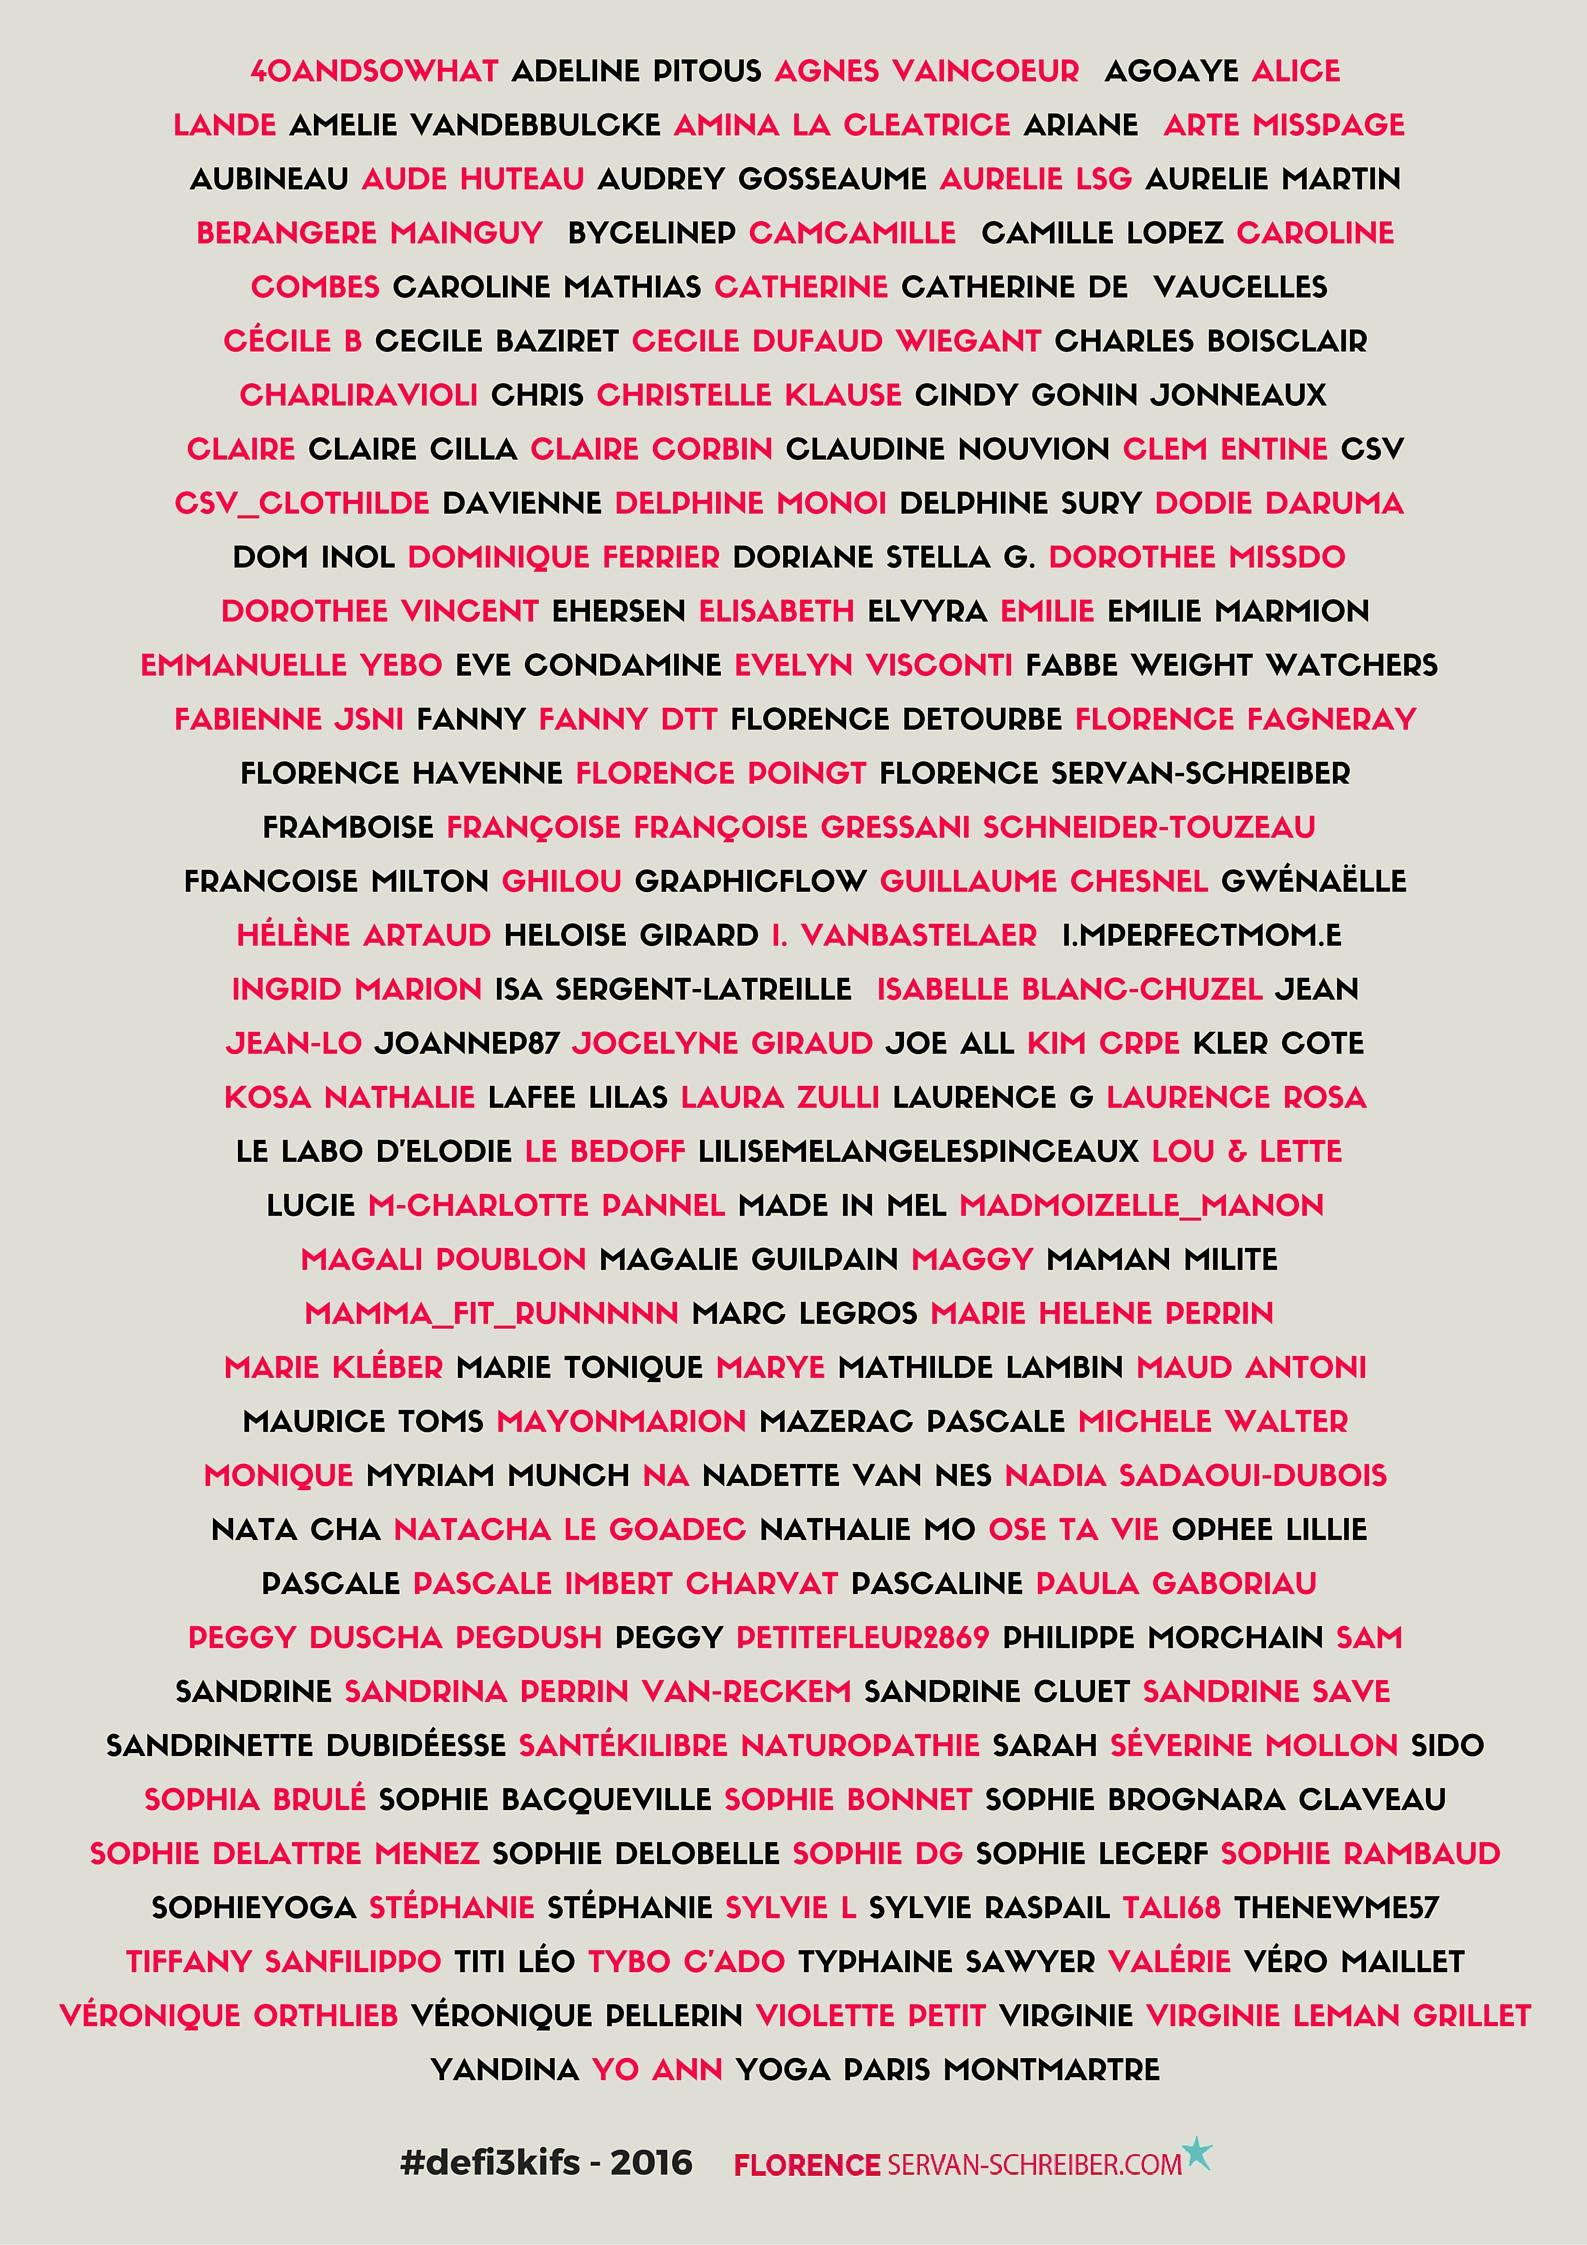 Participants du #defi3kifs 2016